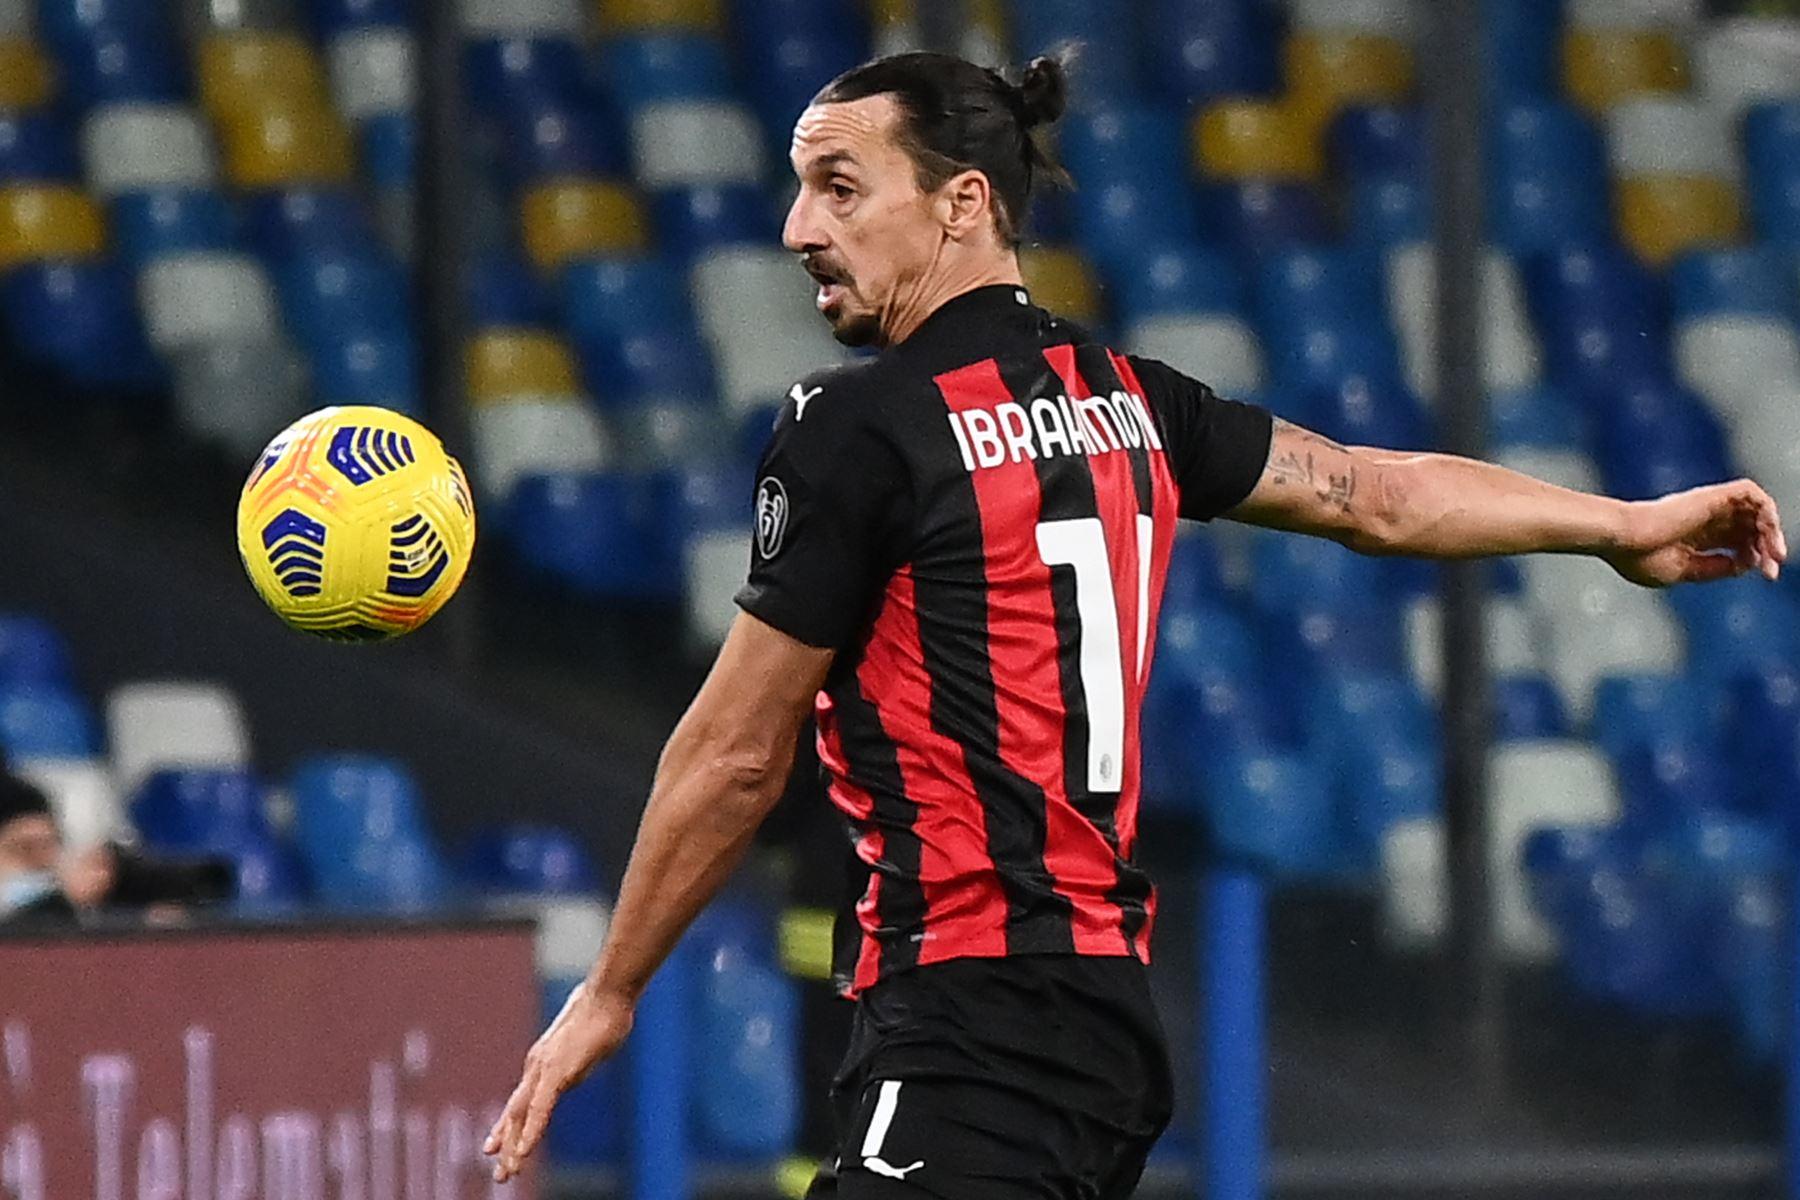 El delantero sueco del AC Milán, Zlatan Ibrahimovic, controla el balón durante el partido de fútbol de la serie A italiana Napoli vs AC Milán  en el estadio San Paolo de Nápoles. Foto:  AFP